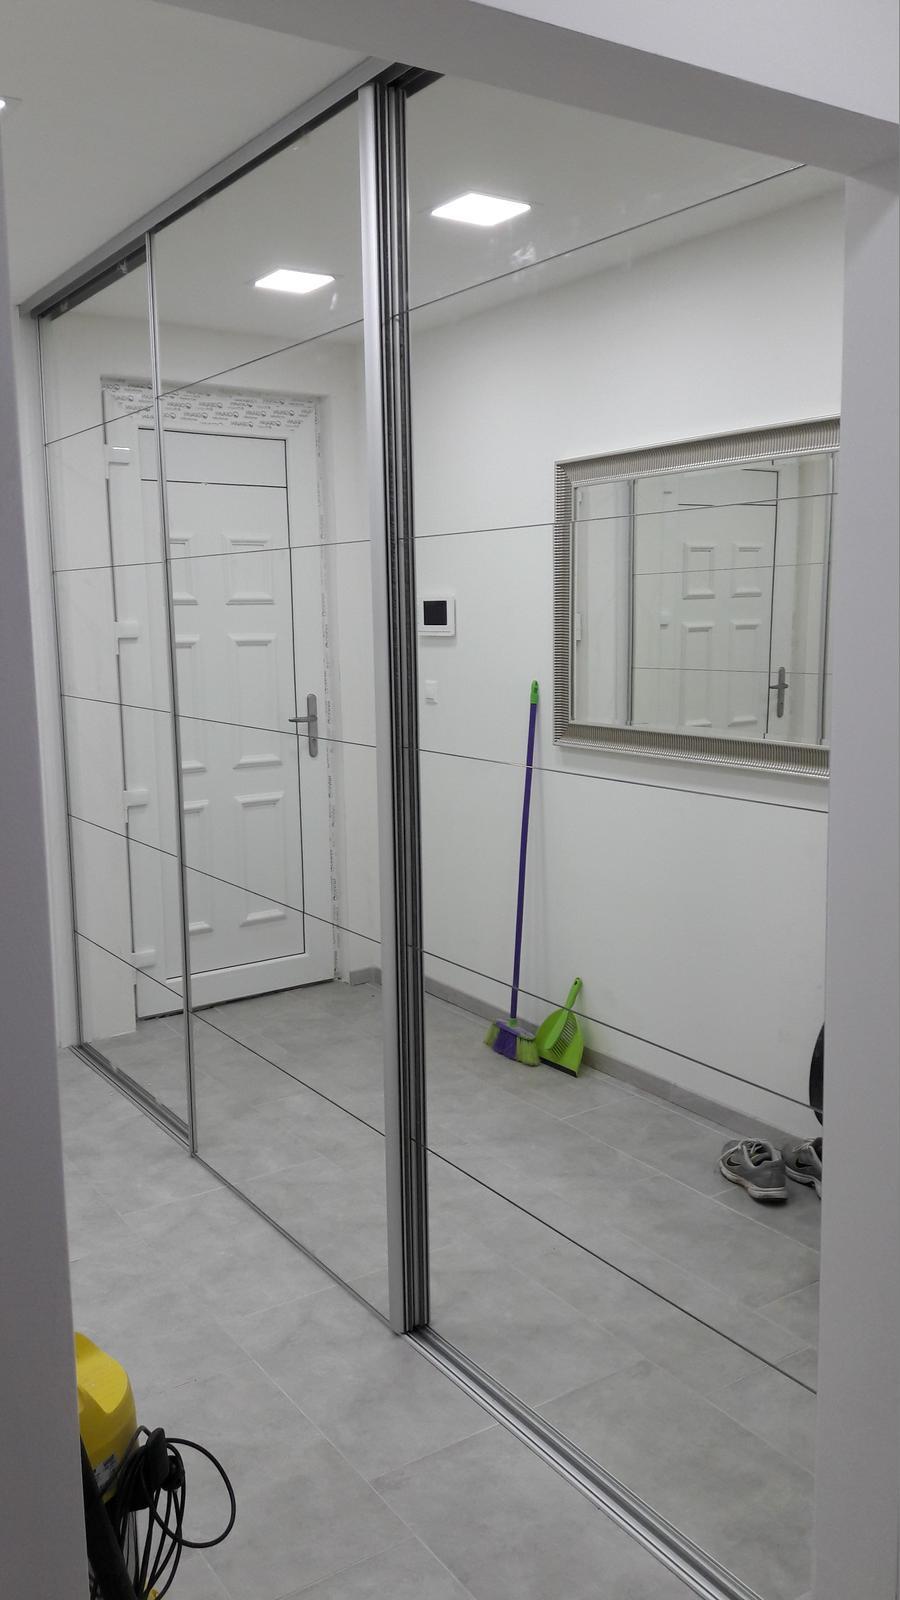 Interiérové posuvné dvere - Zrkadlove posuvne dvere delene na 6 častí